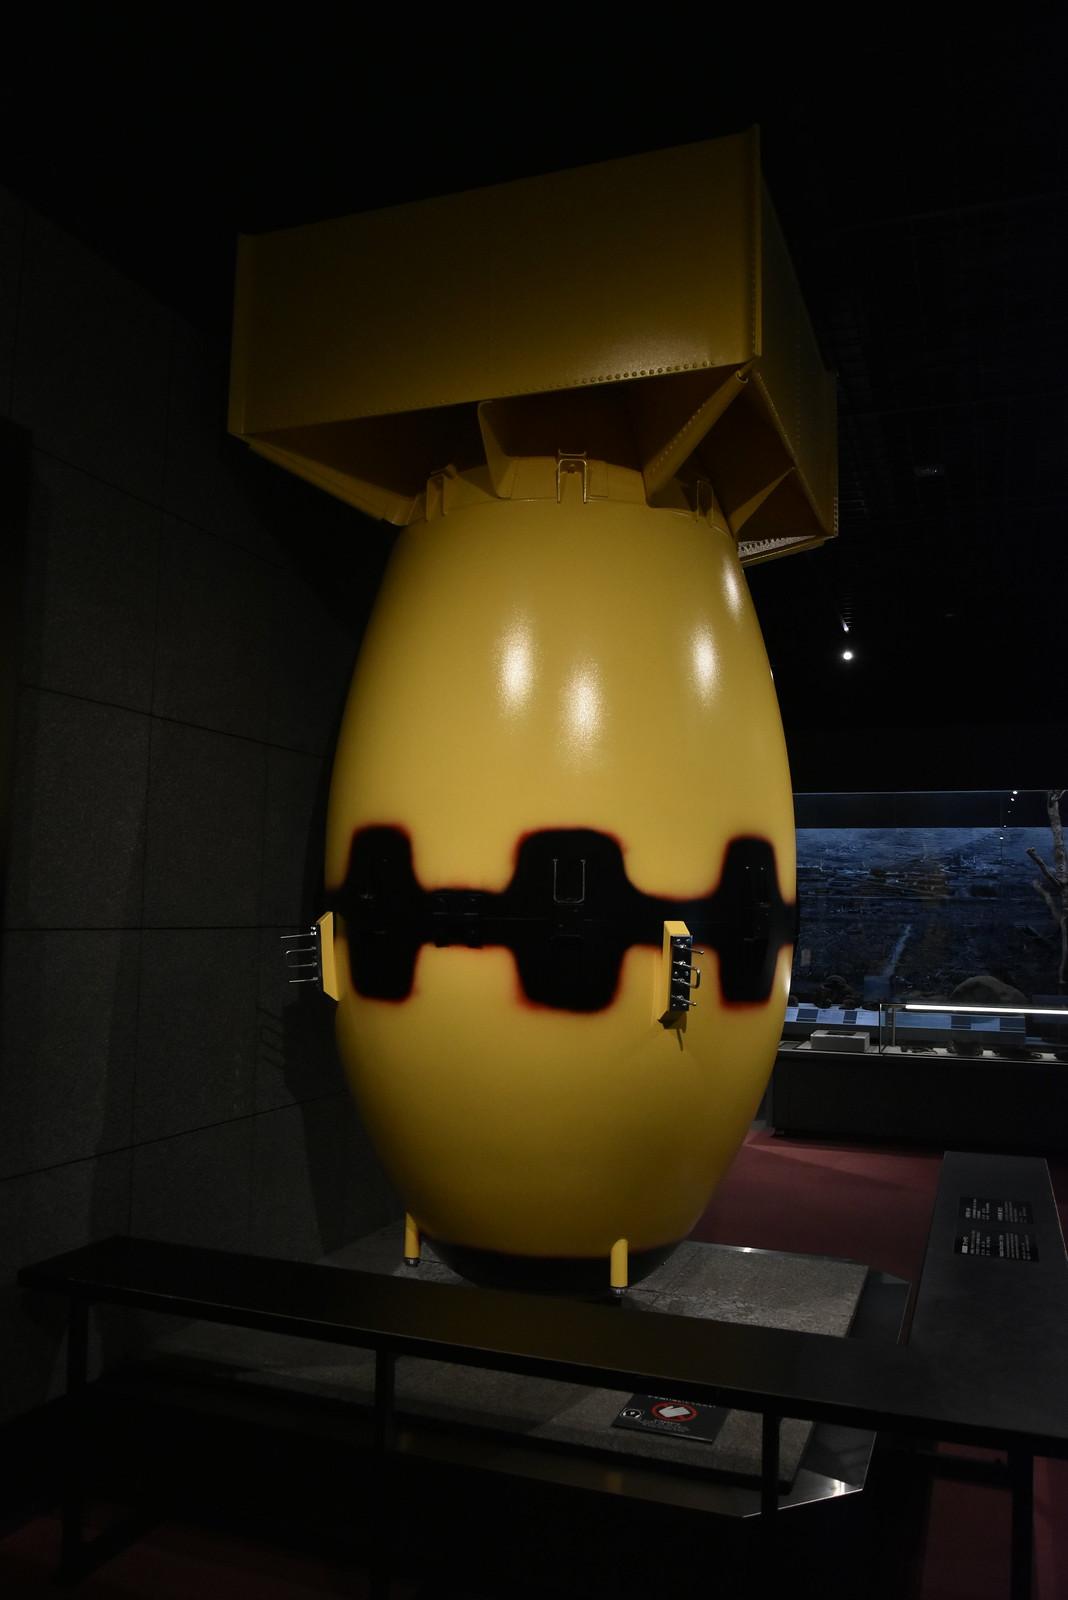 Nagasaki - reproduction de fat man, la bombe